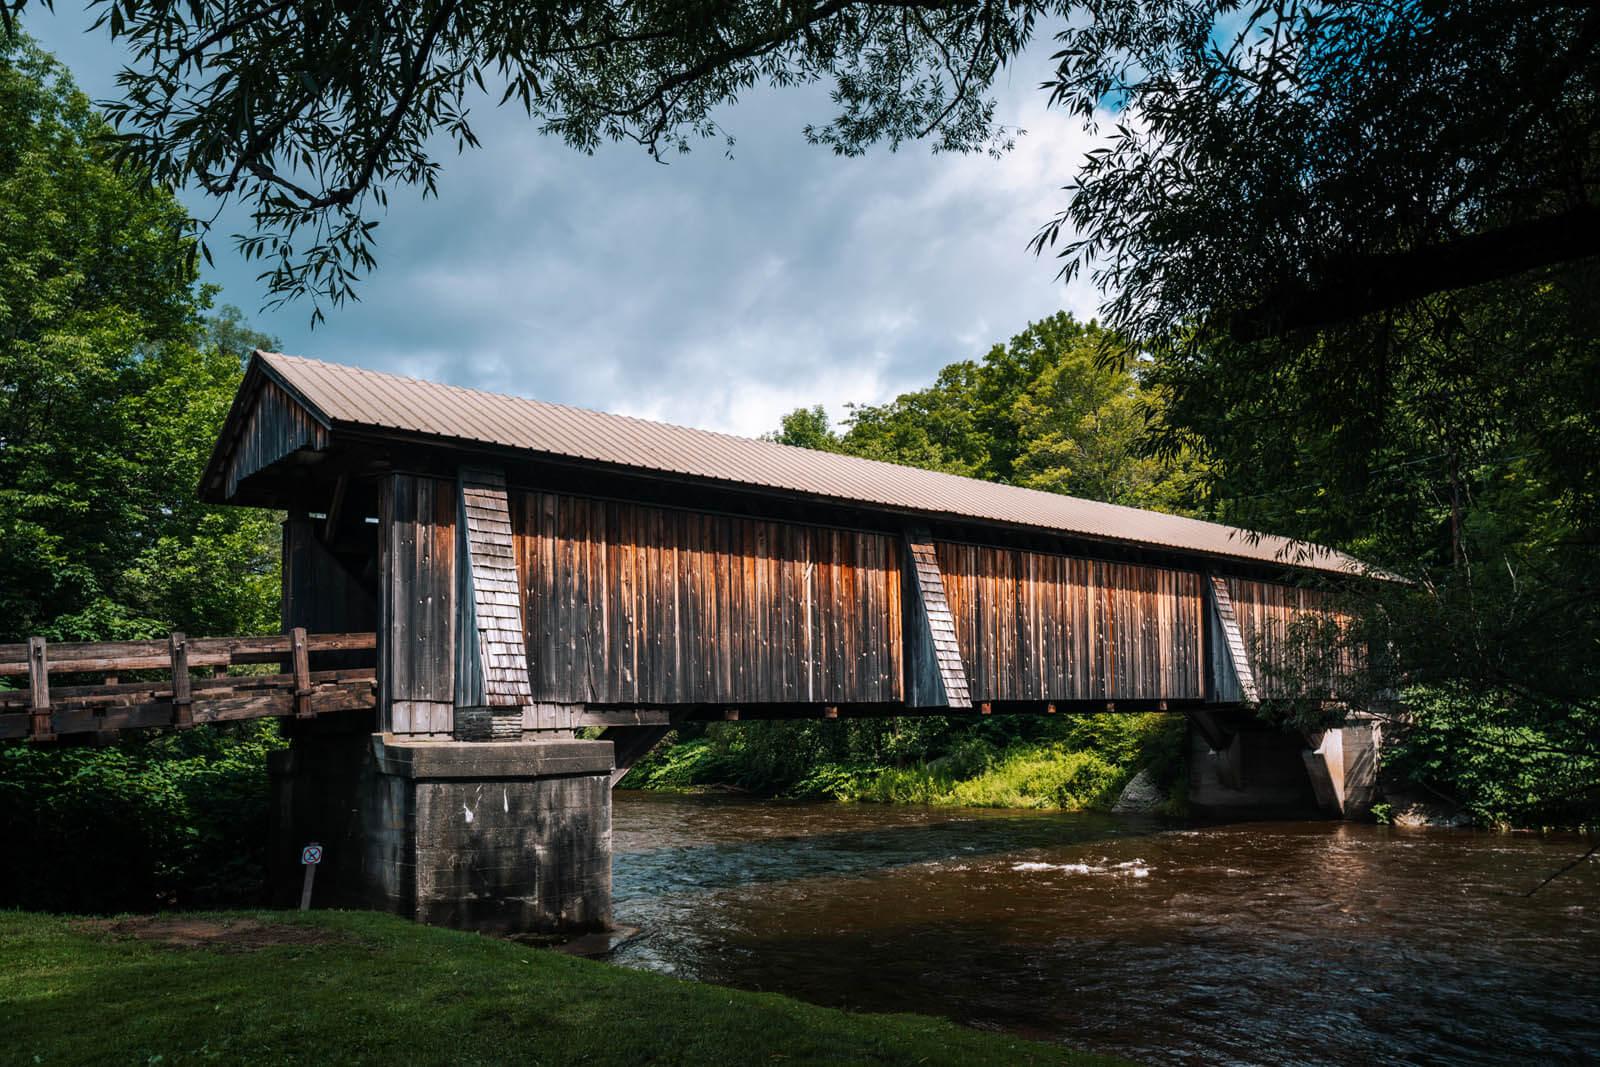 Livingston Manor Covered Bridge in New York